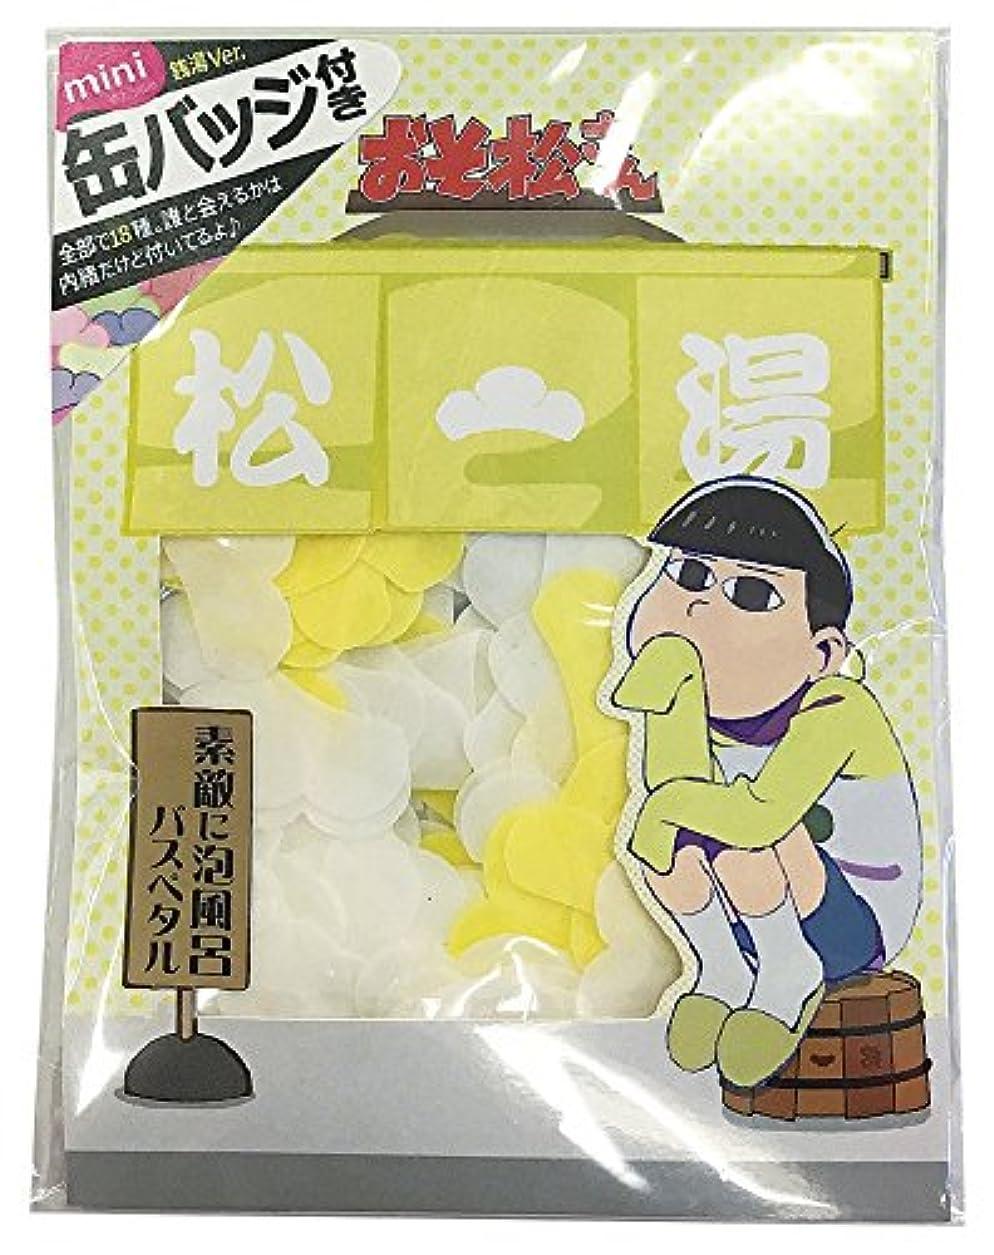 白鳥ドロー八百屋さんおそ松さん 入浴剤 バスペタル 十四松 香り付き ミニ缶バッジ付き ABD-001-005